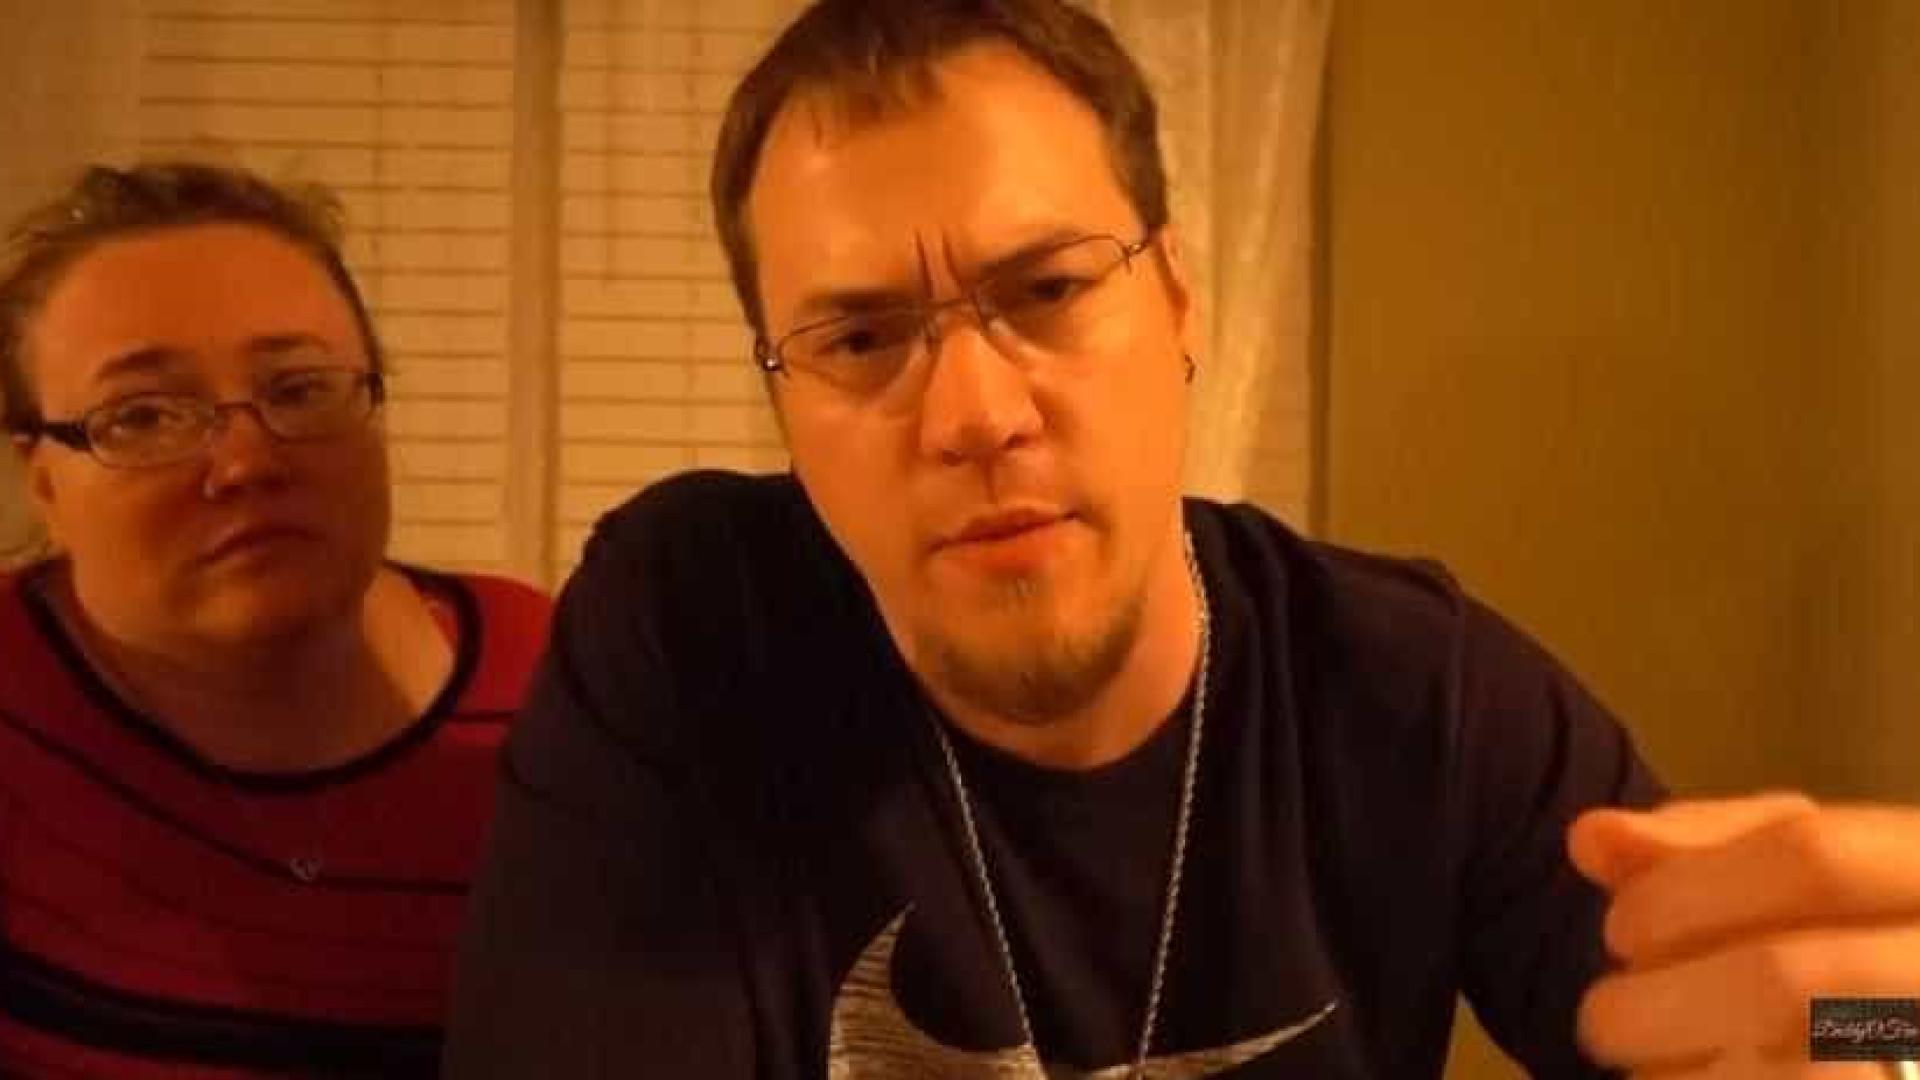 Pais suspeitos de abusar de filhos  em 'pegadinhas' no YouTube